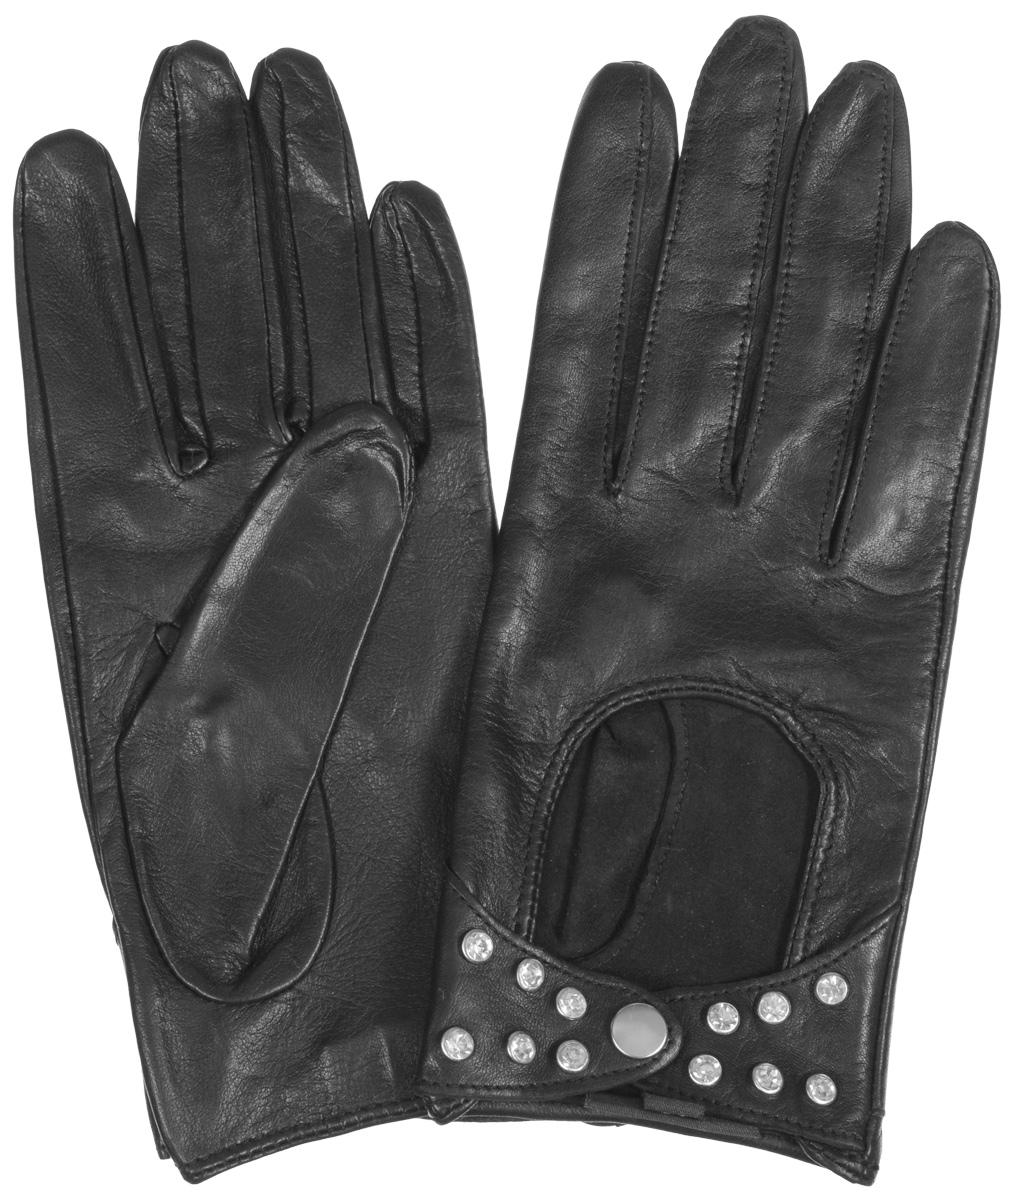 Перчатки женские Eleganzza, цвет: черный. HP02751. Размер 7HP02751Стильные женские перчатки Eleganzza не только защитят ваши руки от холода, но и станут великолепным украшением. Перчатки выполнены из чрезвычайно мягкой и приятной на ощупь натуральной кожи. Лицевая сторона перчаток на запястье застегивается хлястиками на кнопку, декорирована металлическими клепками. В настоящее время перчатки являются неотъемлемой принадлежностью одежды, вместе с этим аксессуаром вы обретаете женственность и элегантность. Перчатки станут завершающим и подчеркивающим элементом вашего стиля и неповторимости.